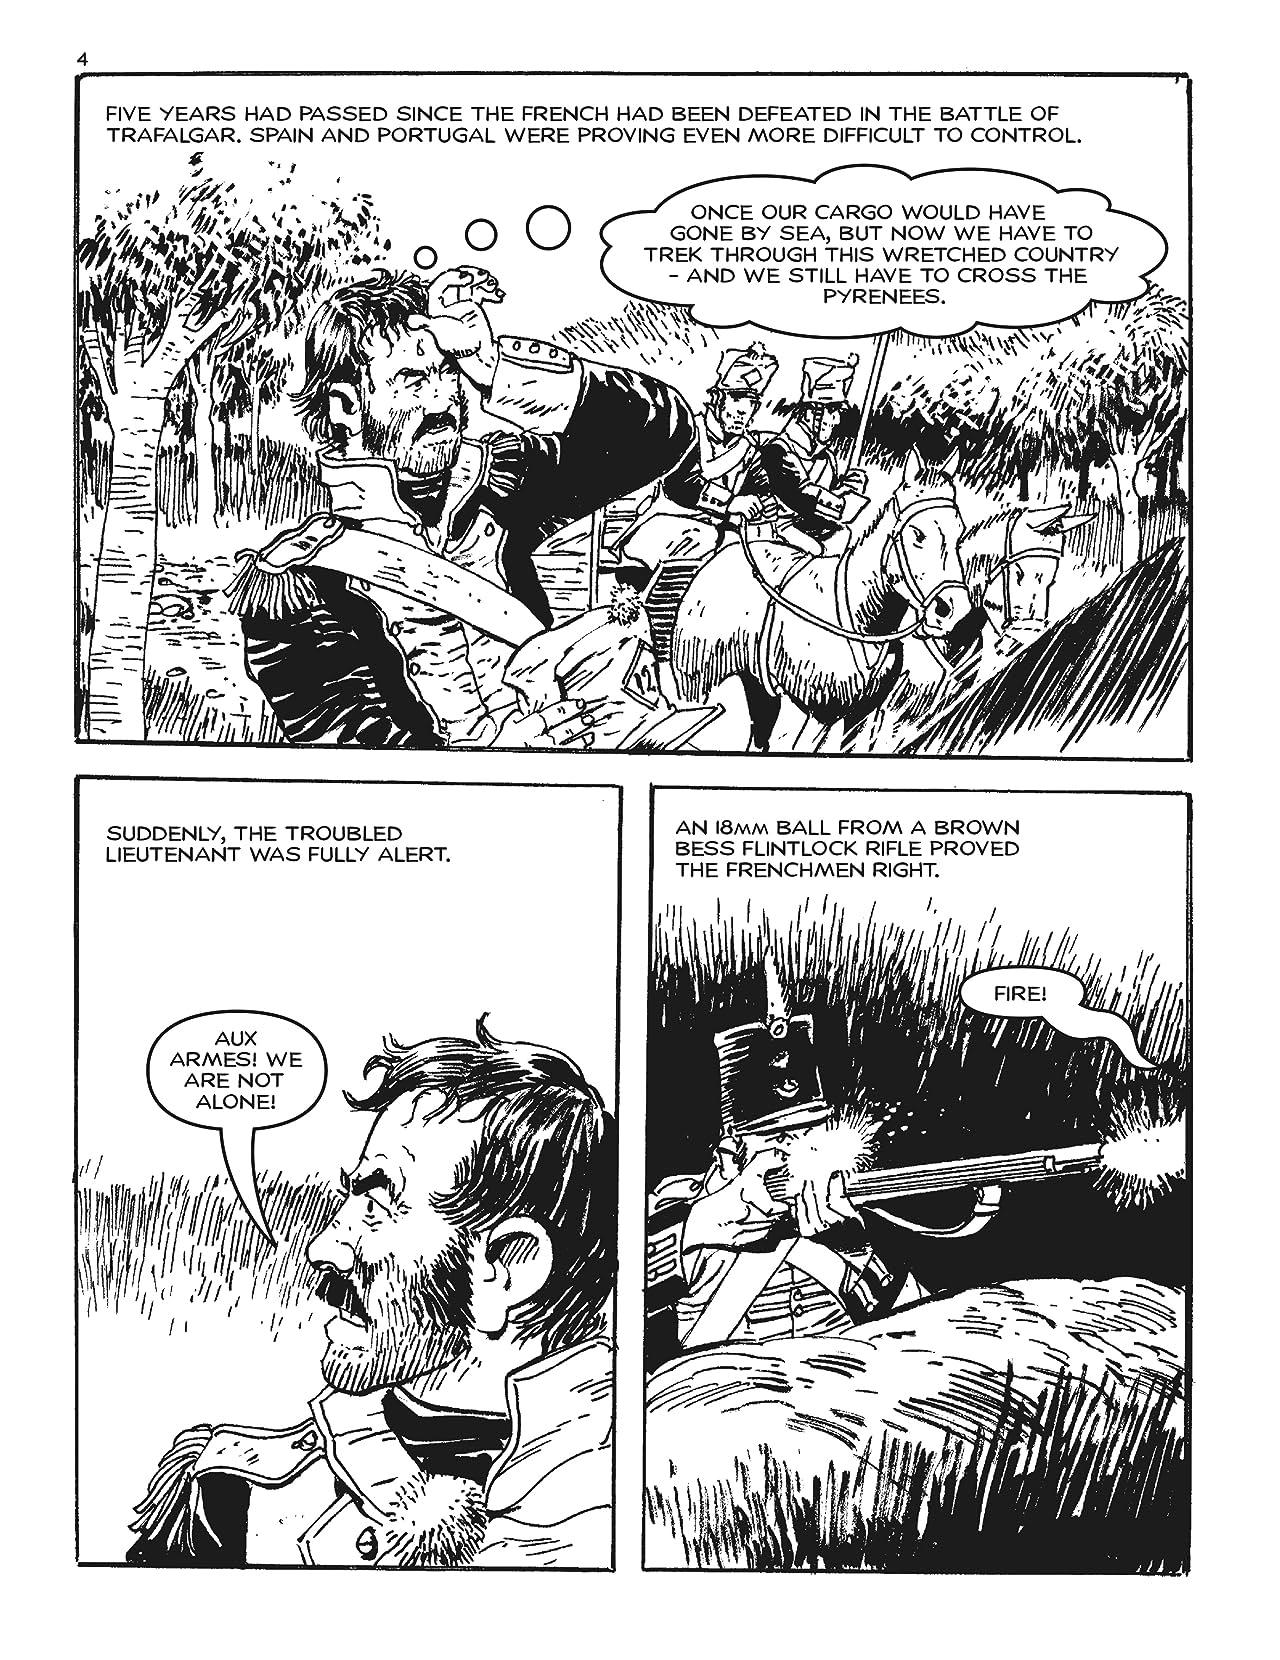 Commando #5061: Fenshire Silver